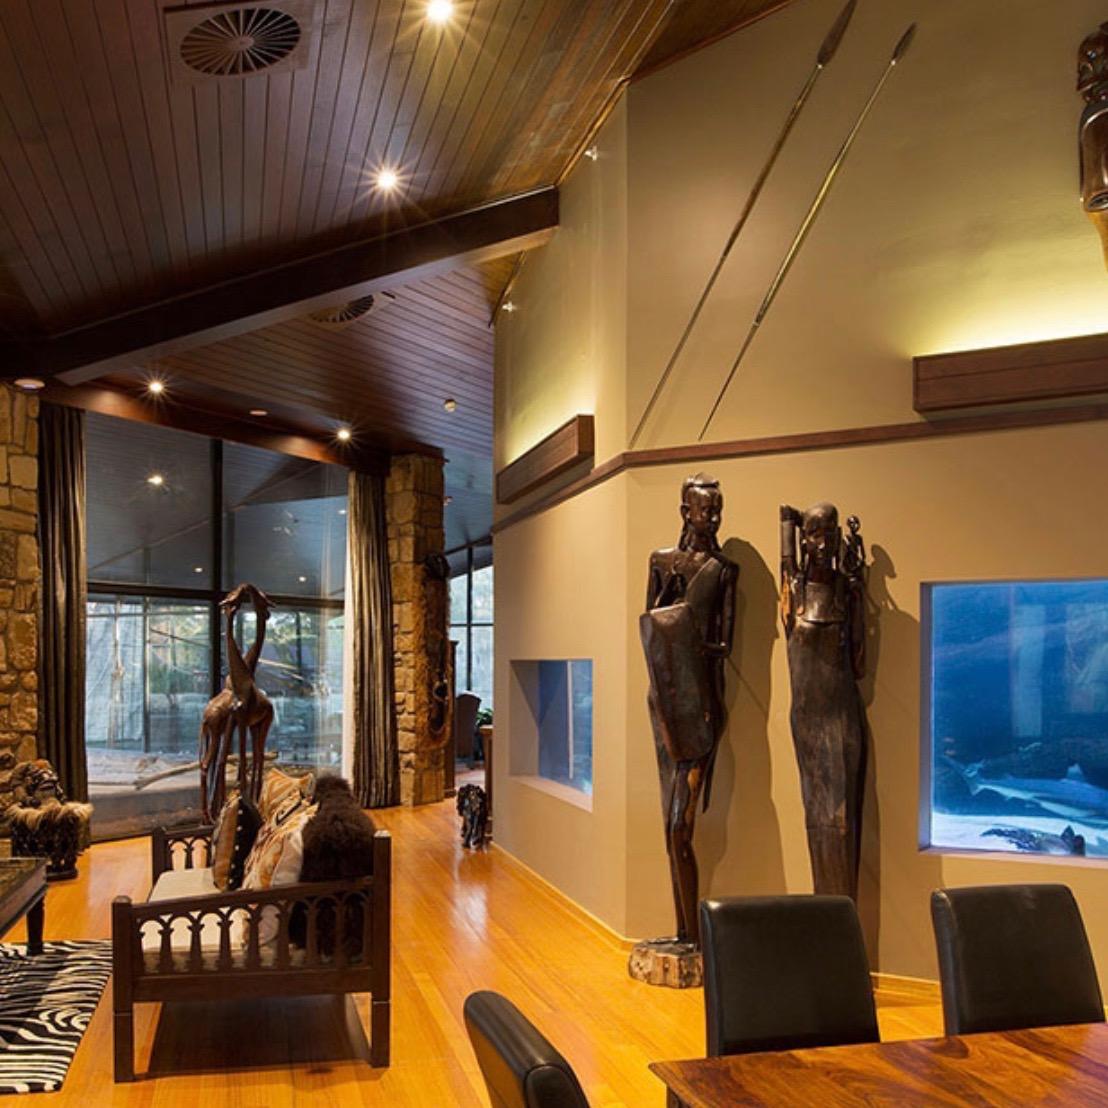 Main uShaka Lodge